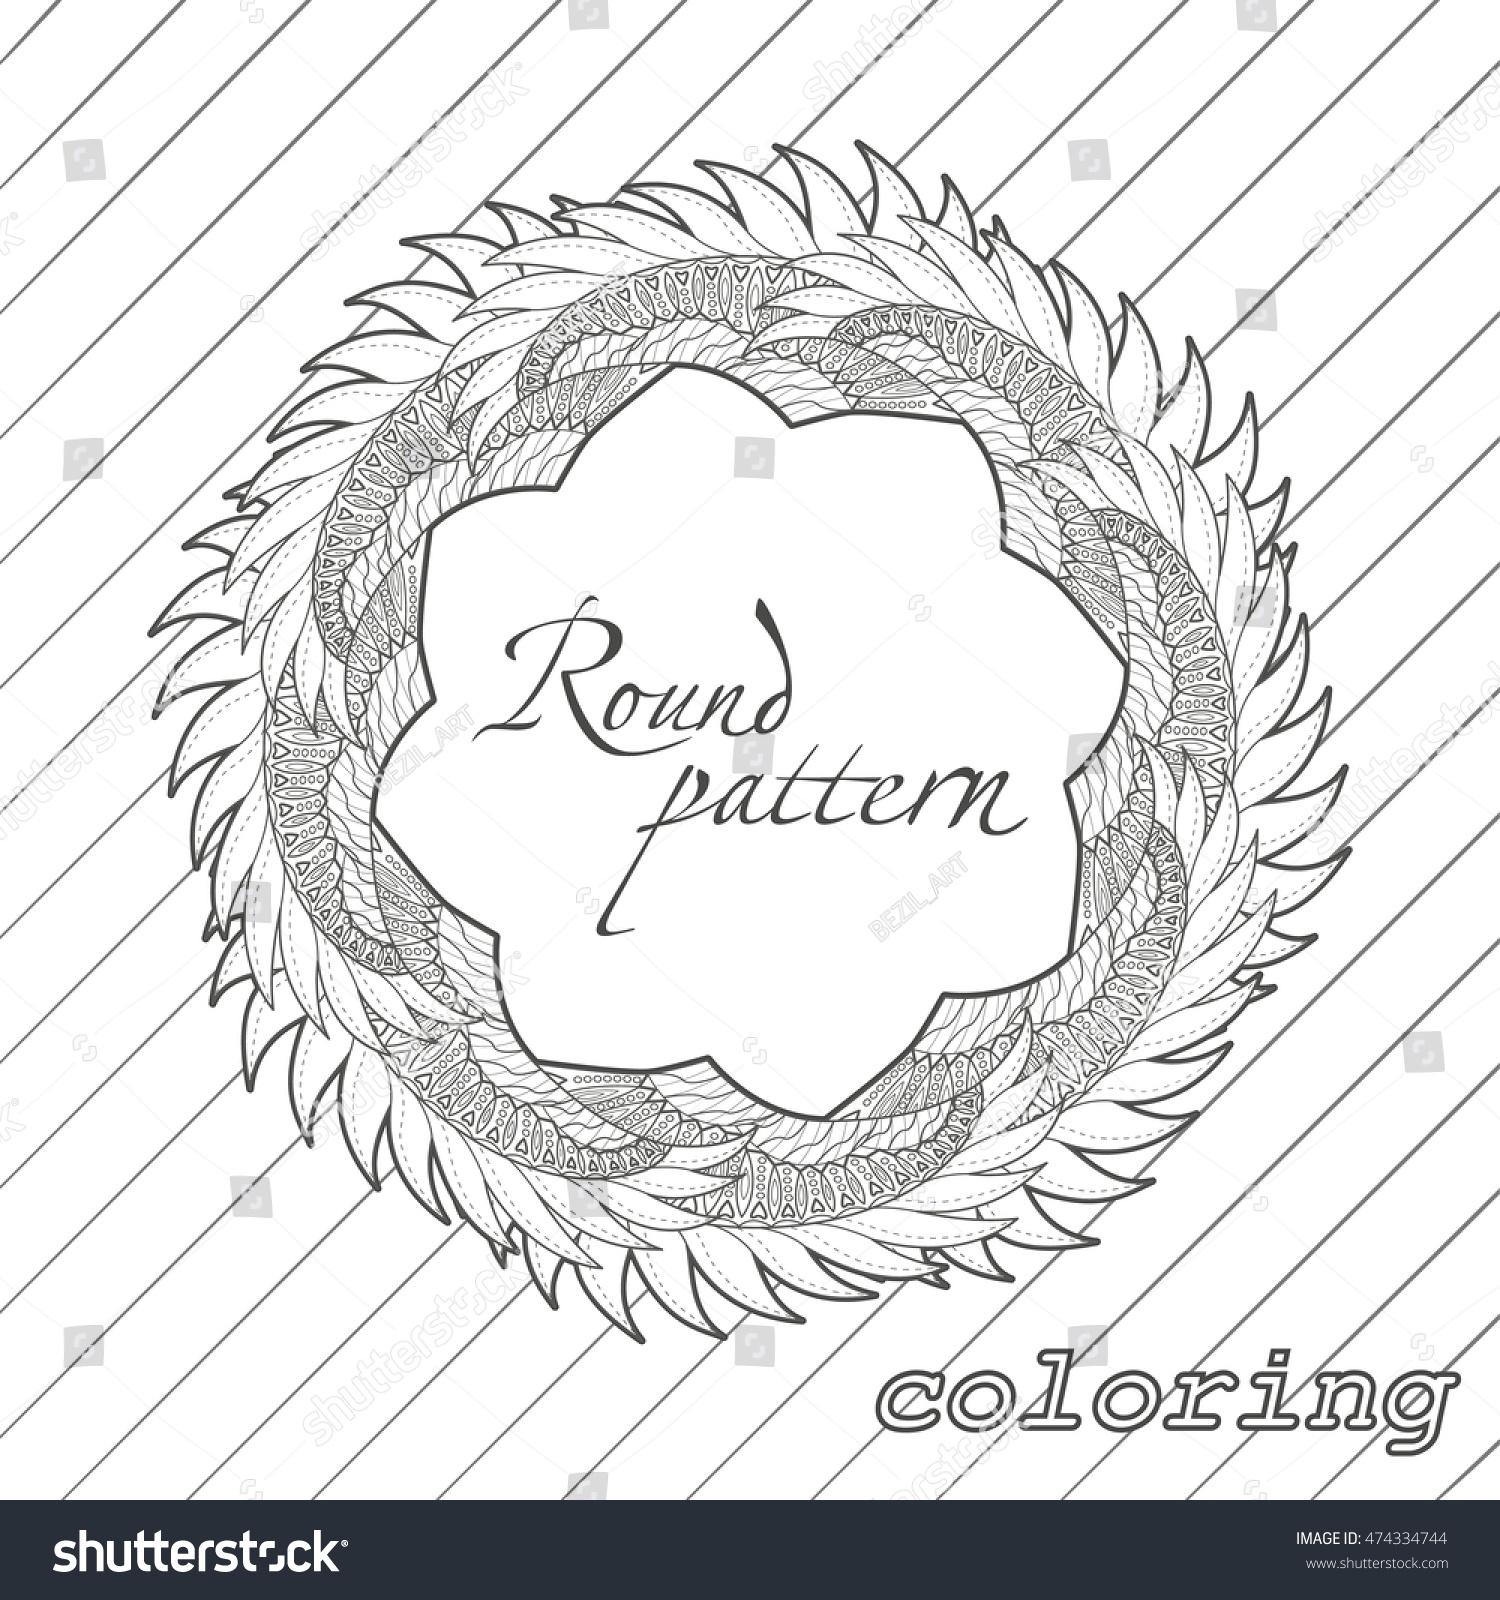 Circular Vector Mandala Coloring Pages Adults Stock Photo (Photo ...